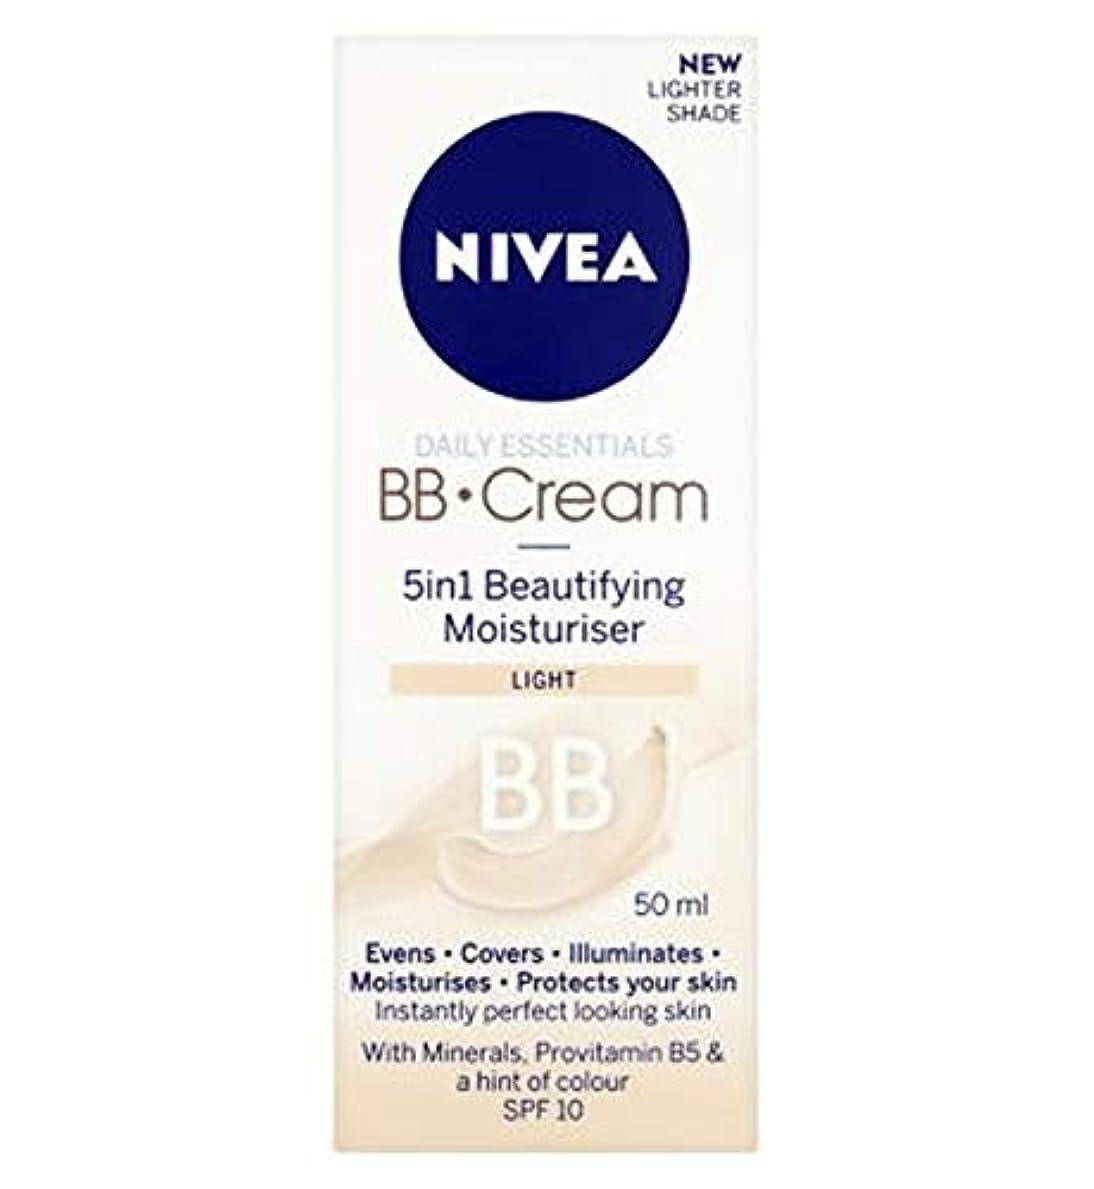 選出する不可能なハンドブック[Nivea ] 1つの美容保湿光50ミリリットルでNivea?日常必需品のBbクリーム5 - Nivea? Daily Essentials Bb Cream 5 In 1 Beautifying Moisturiser Light 50Ml [並行輸入品]